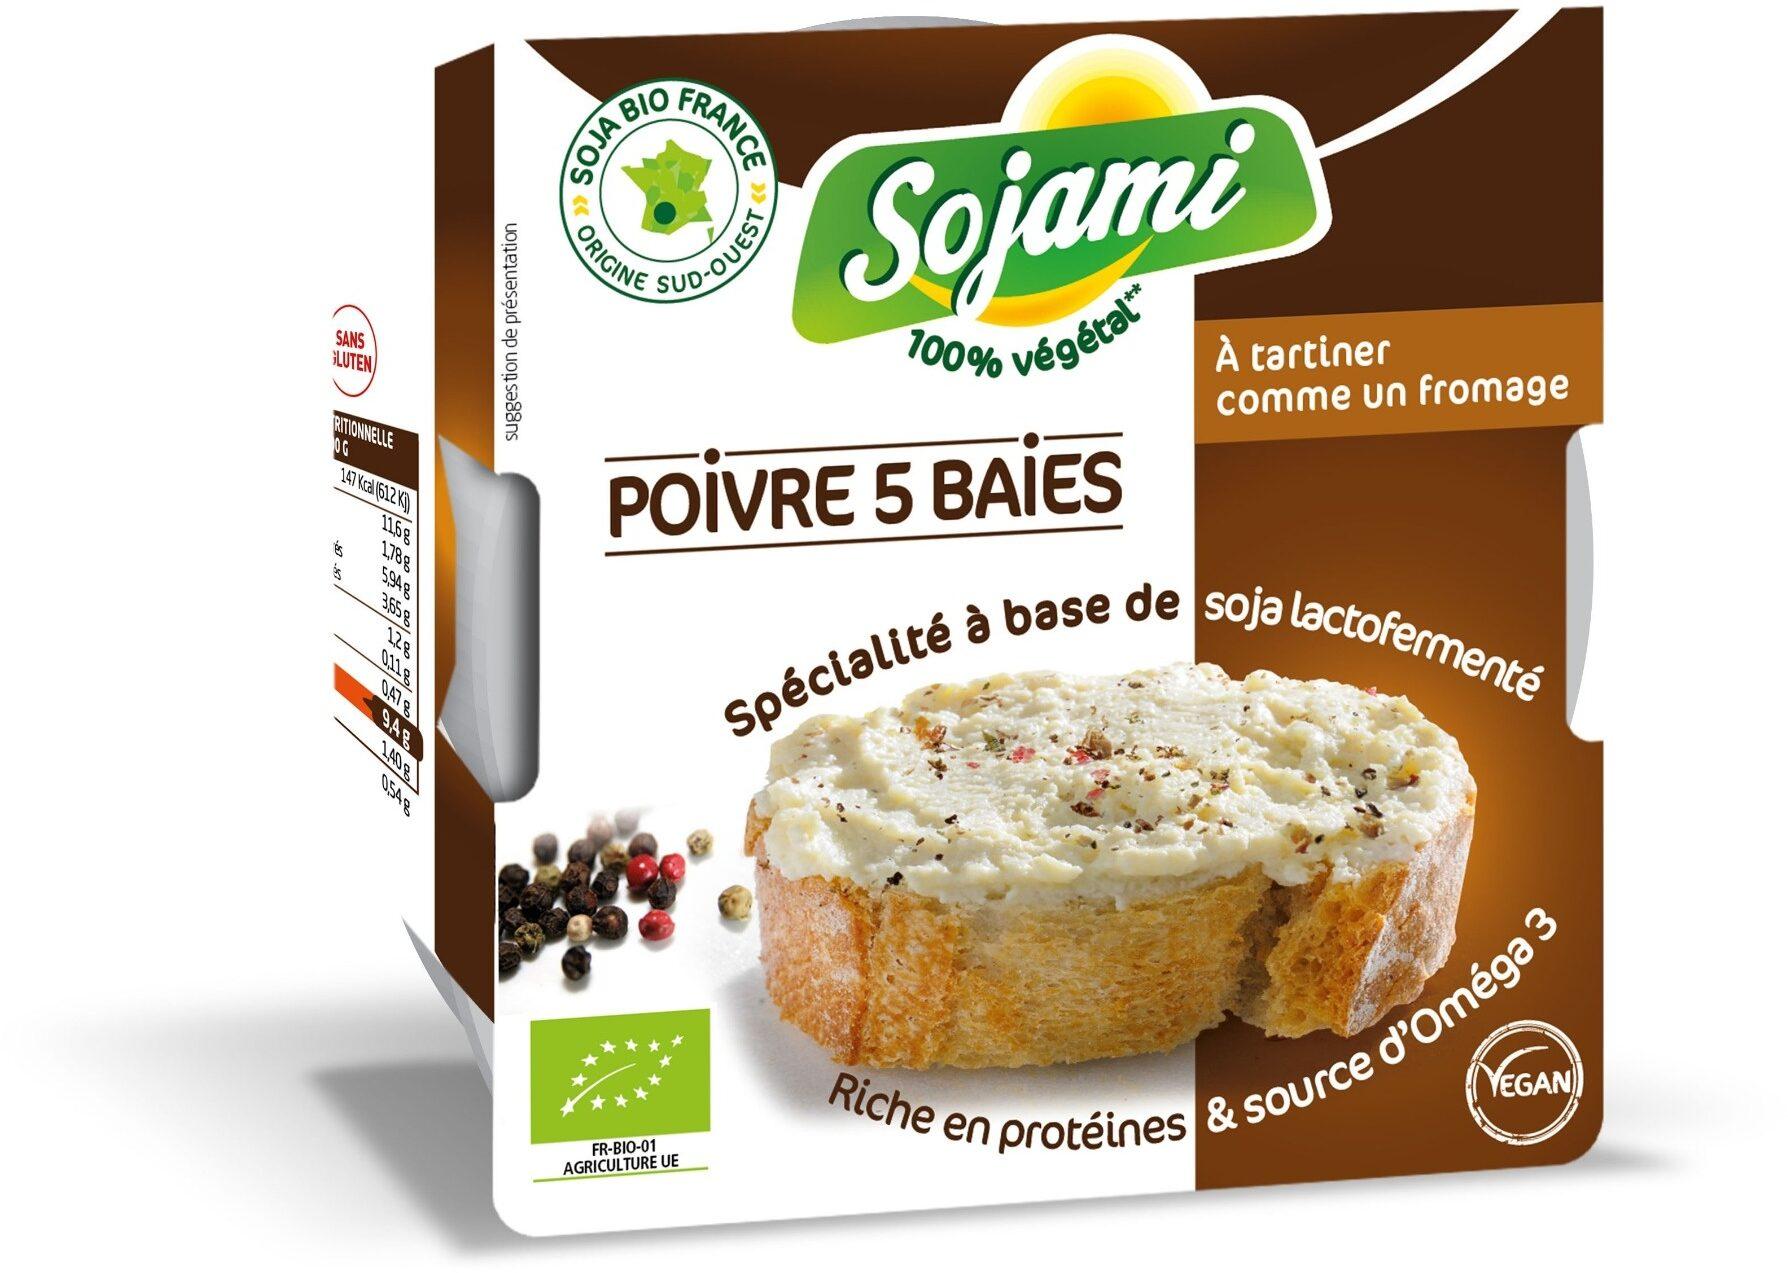 Sojami à tartiner Poivre 5 baies - Produit - fr